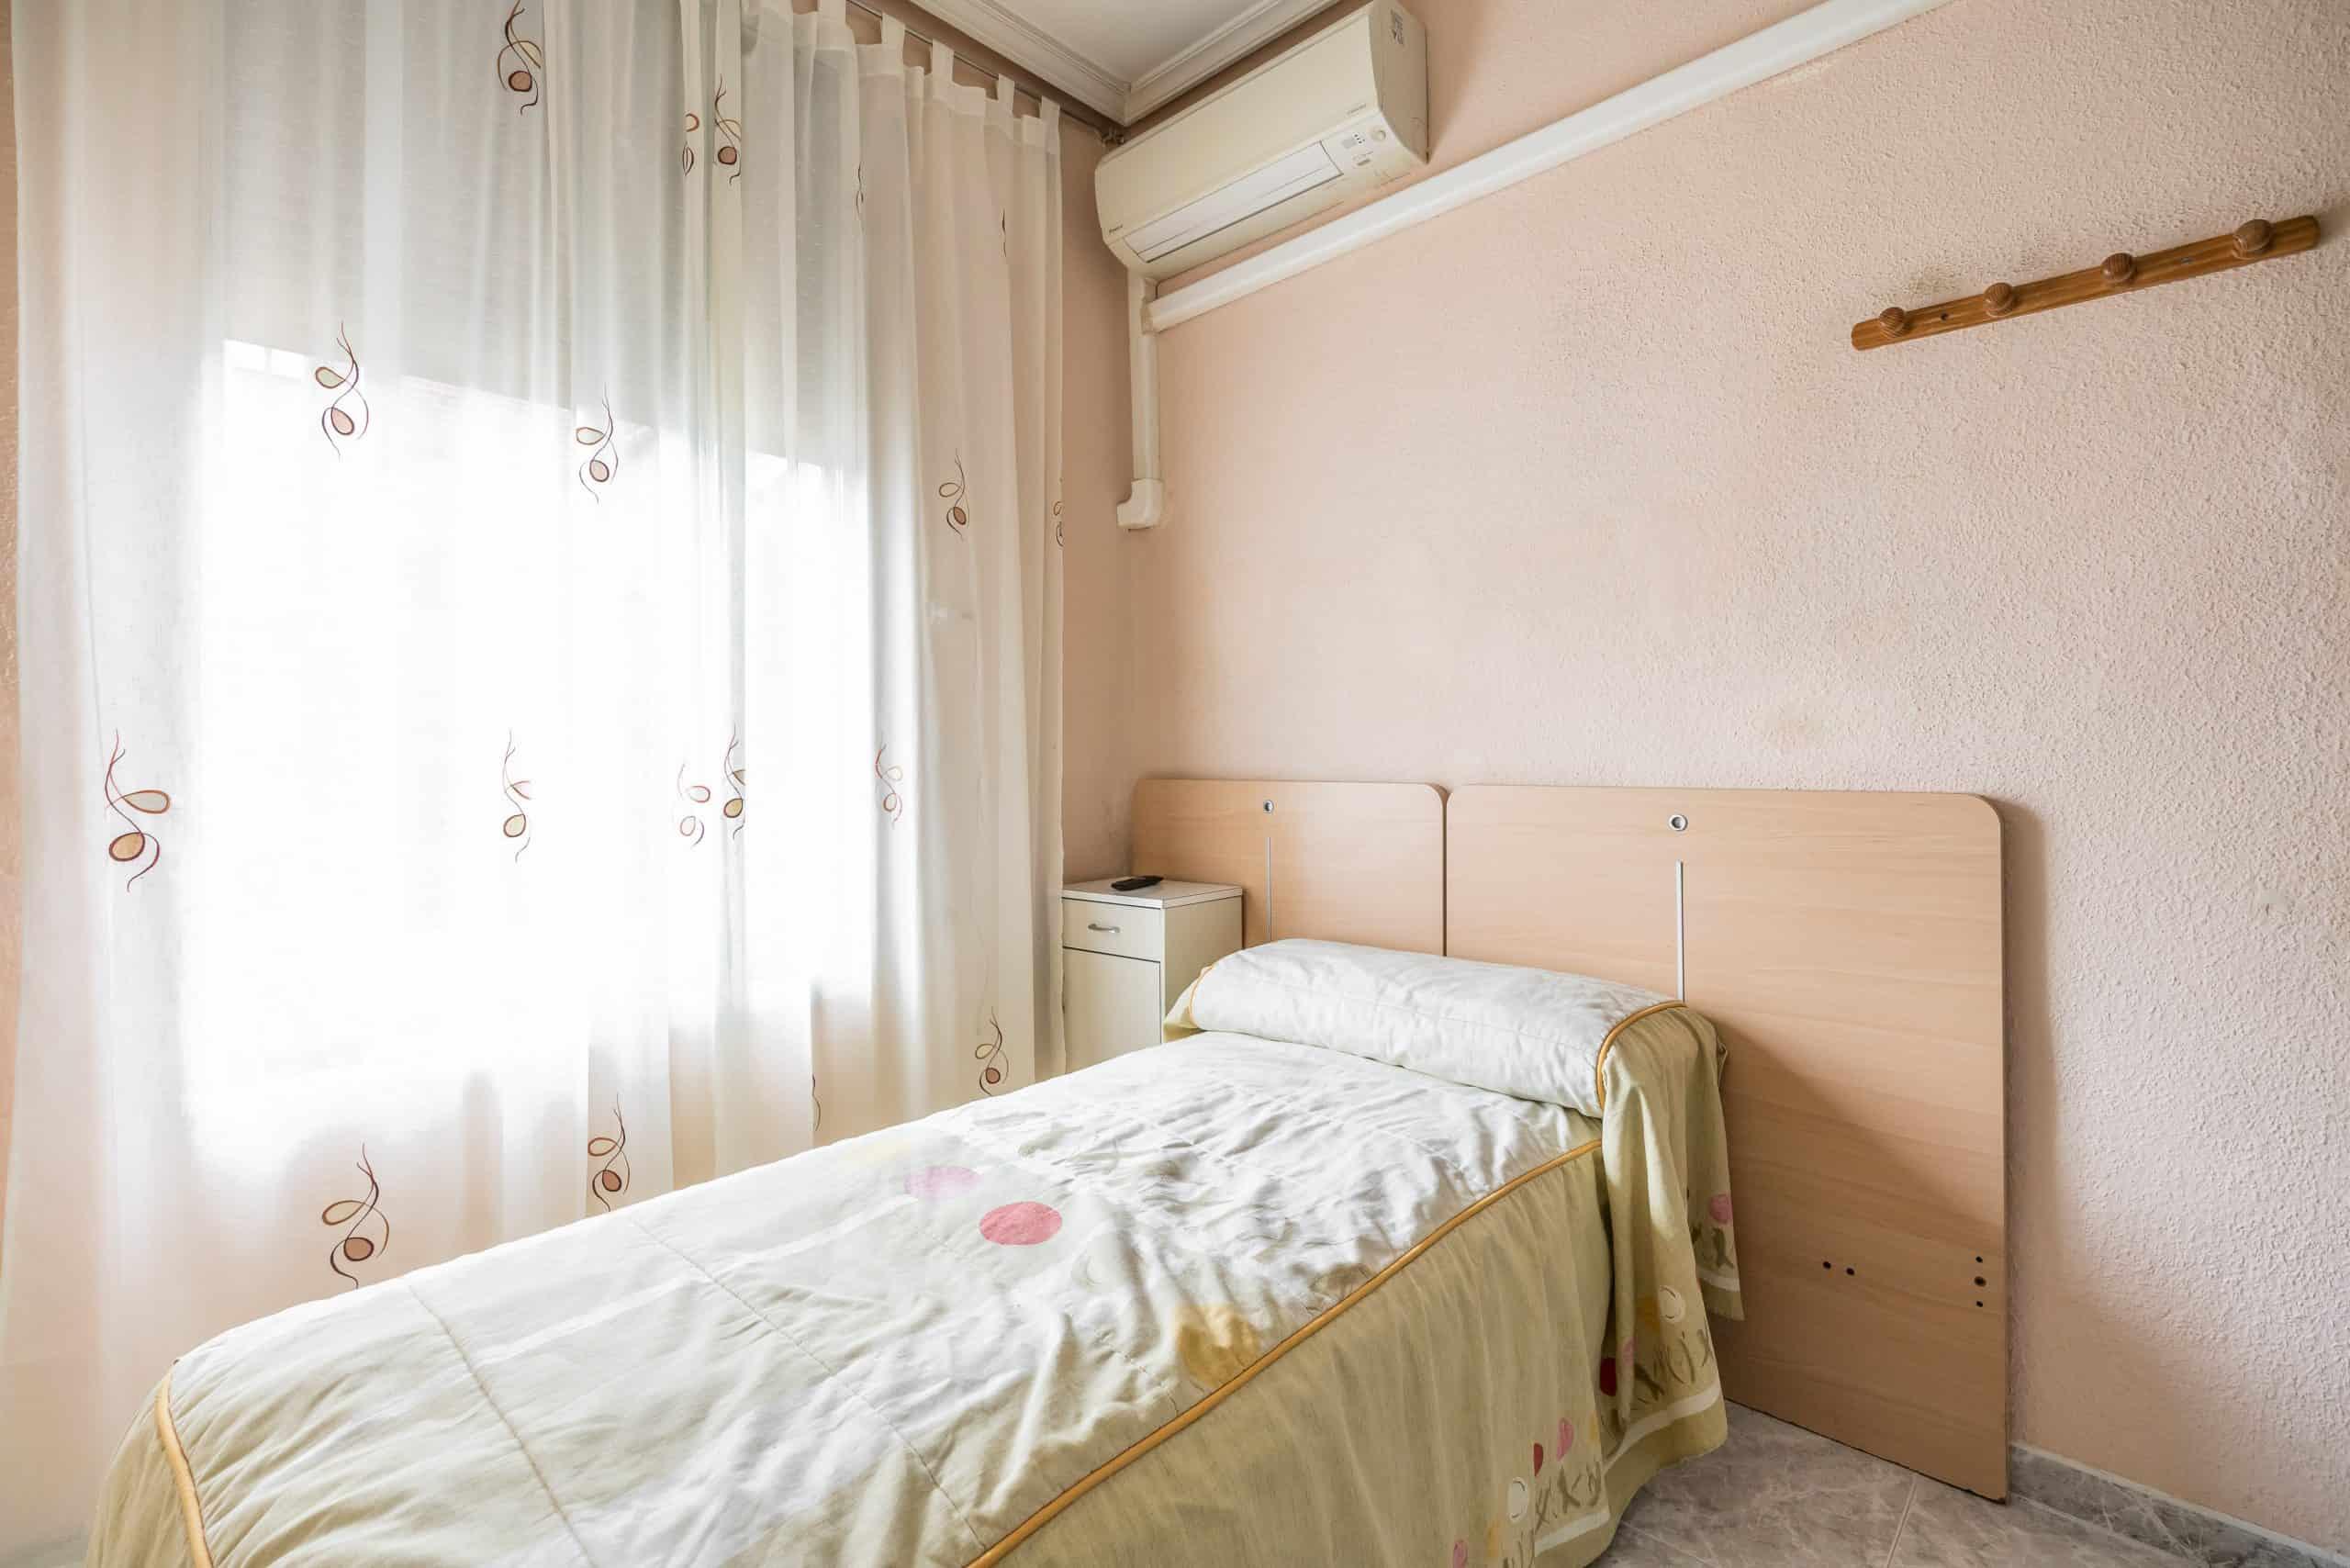 Agencia Inmobiliaria de Madrid-FUTUROCASA-Zona ARGANZUELA-EMBAJADORES-LEGAZPI4 DORMITORIO2 (3)